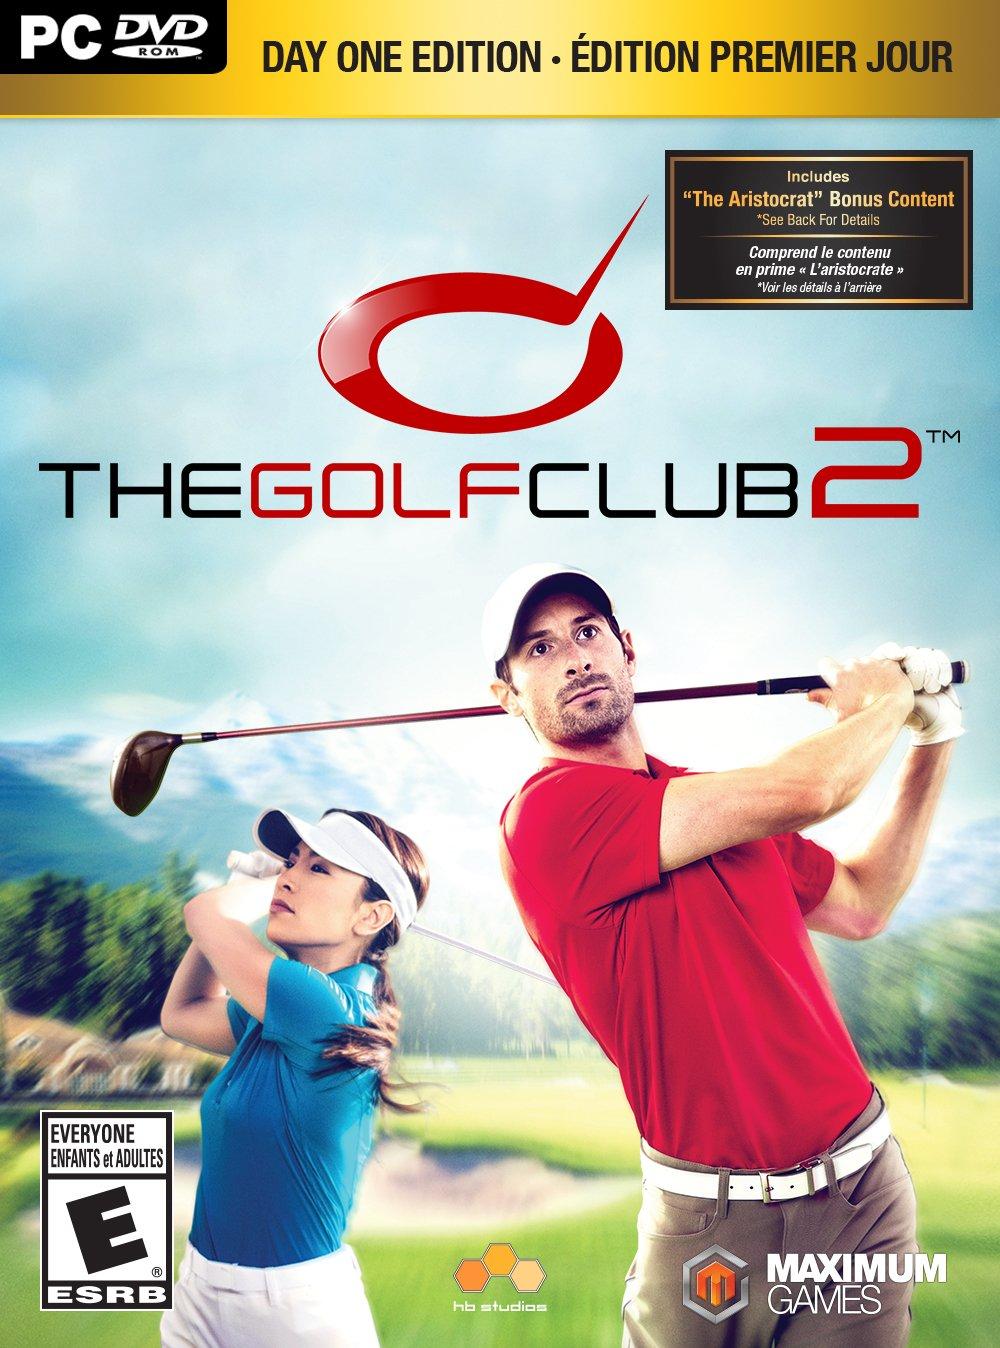 Golf Club Day PC